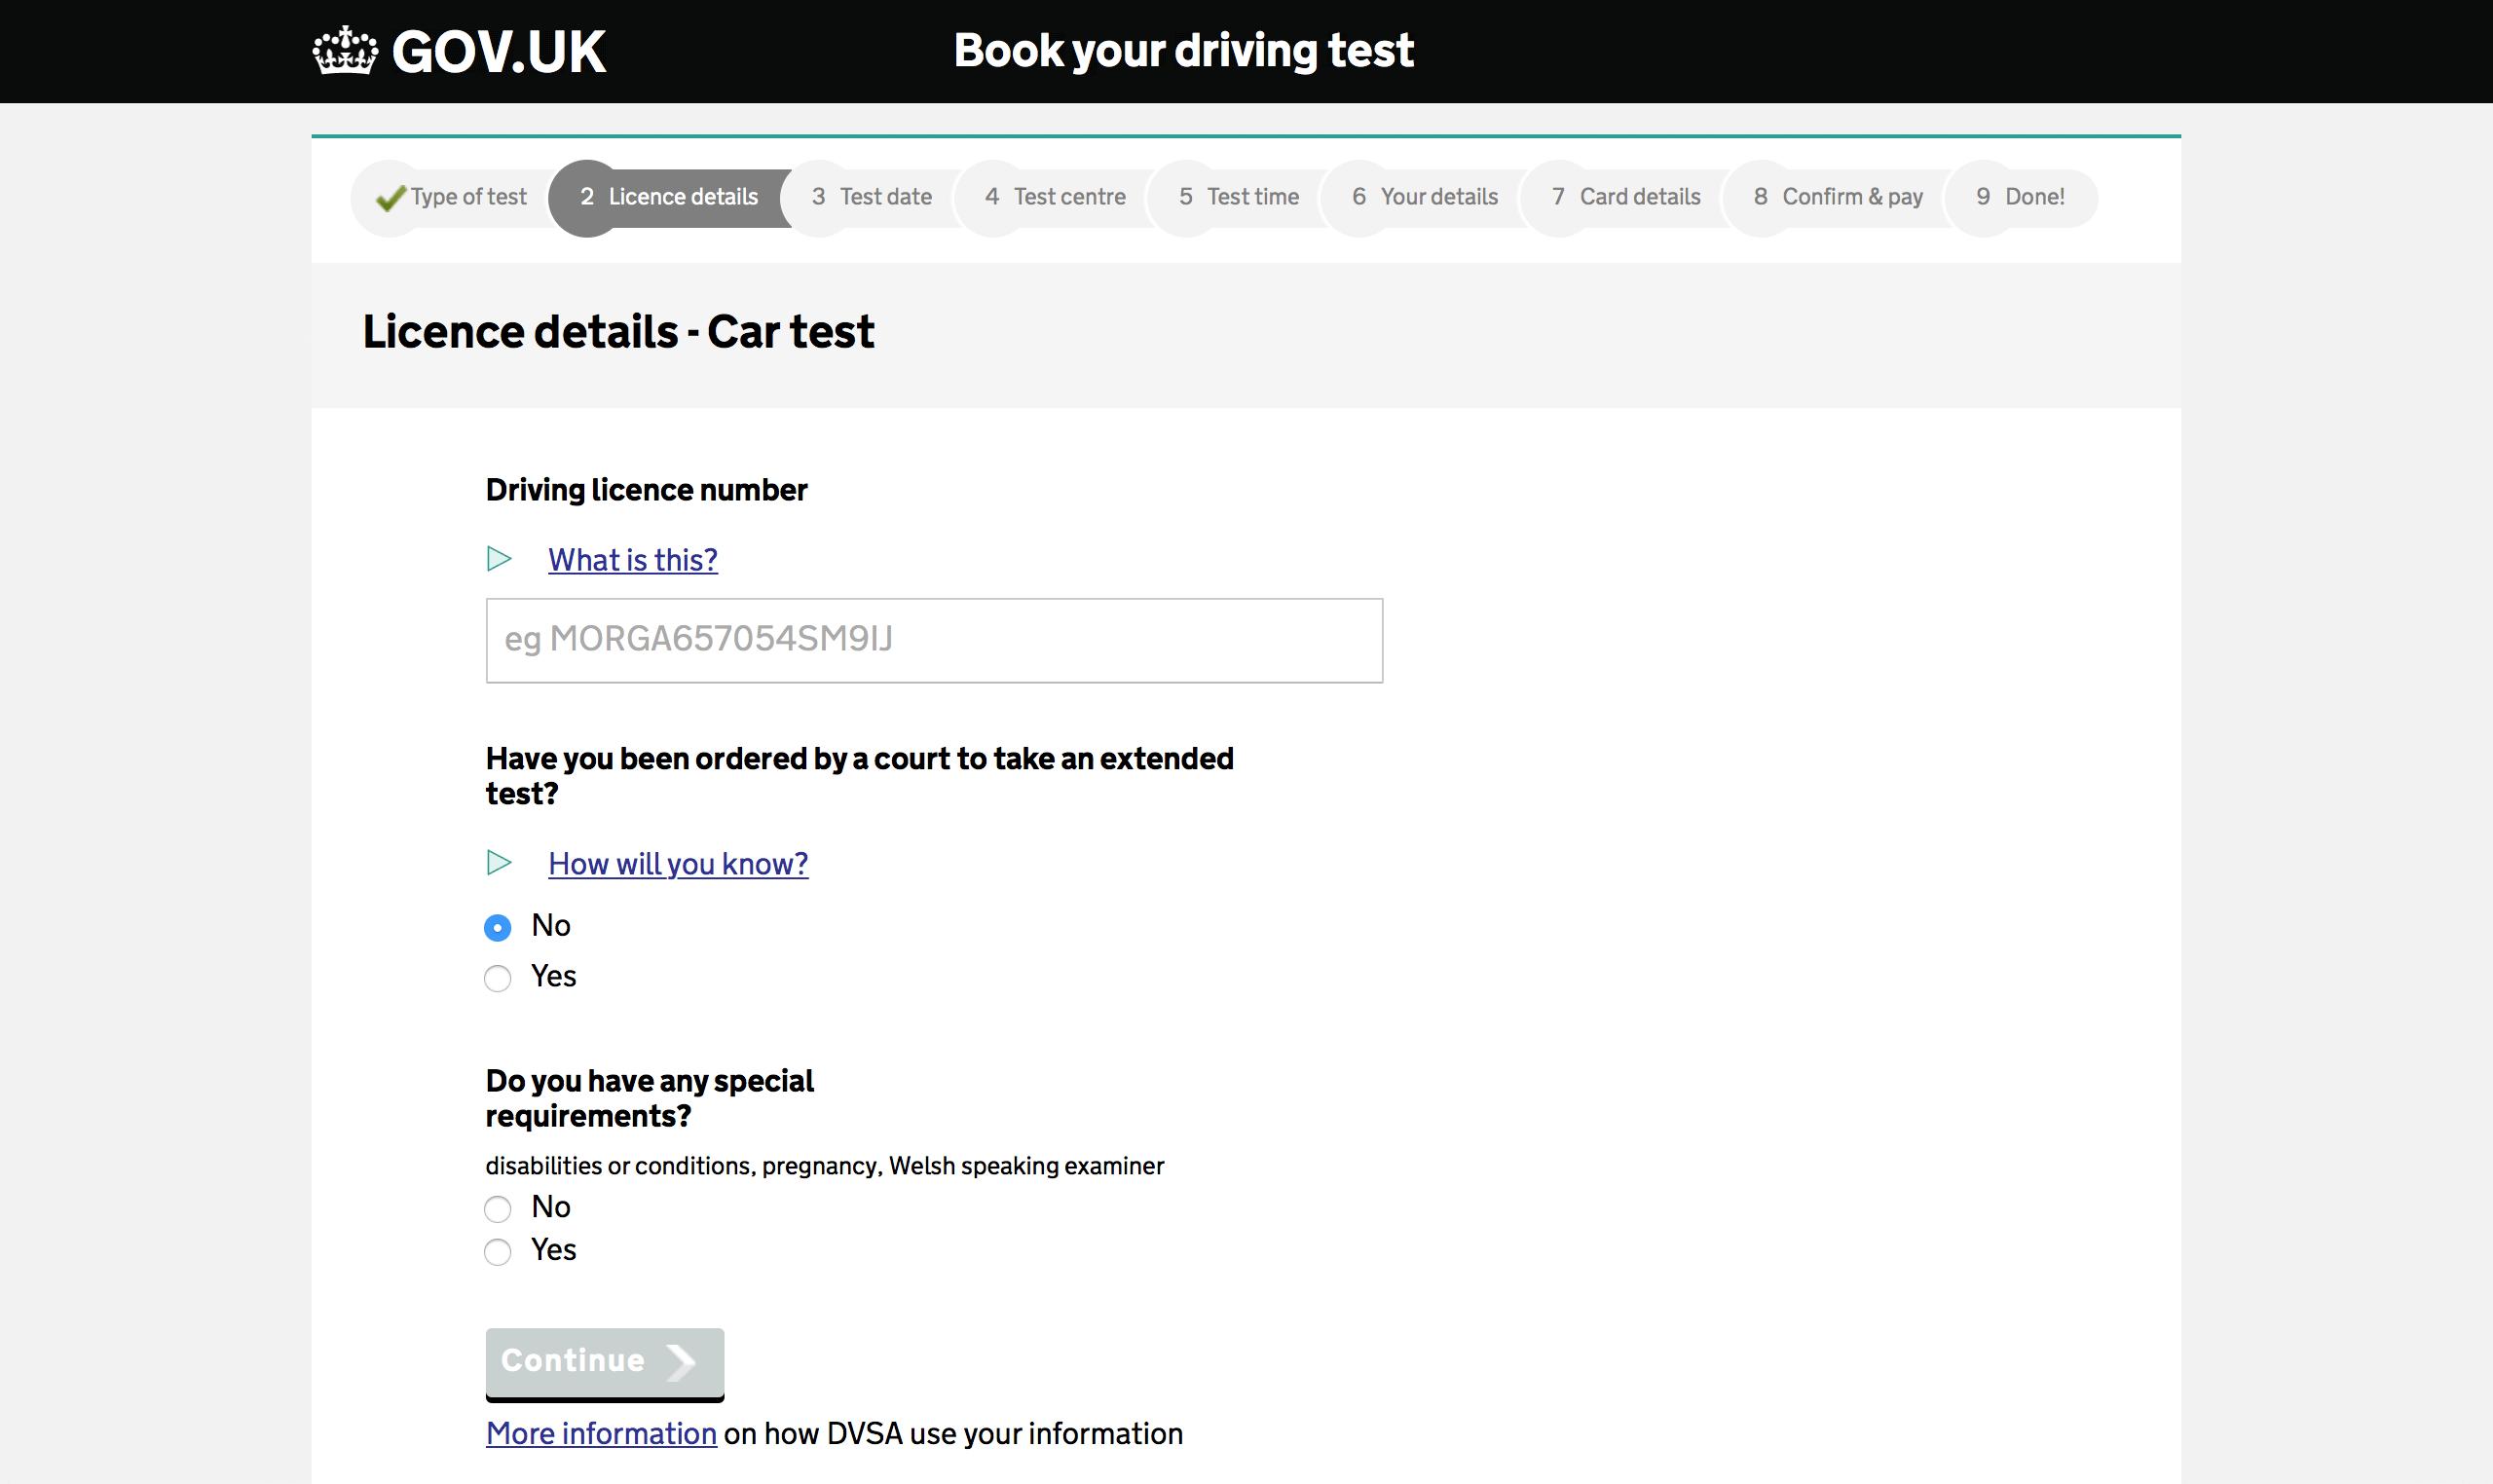 enter your test details